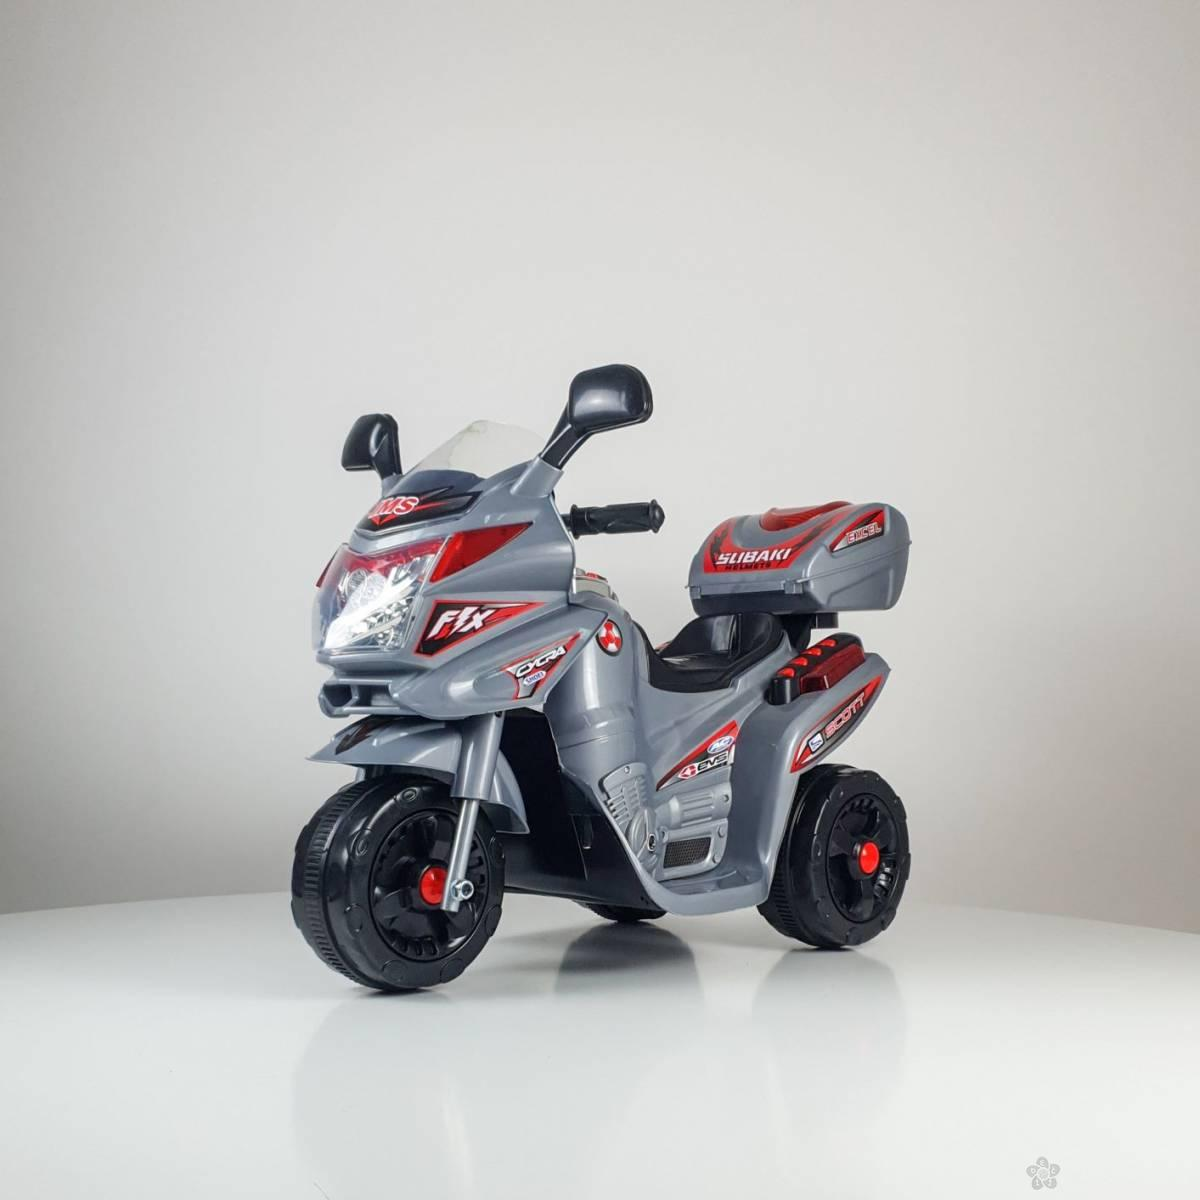 Motor na akumulator, model 10 sivi